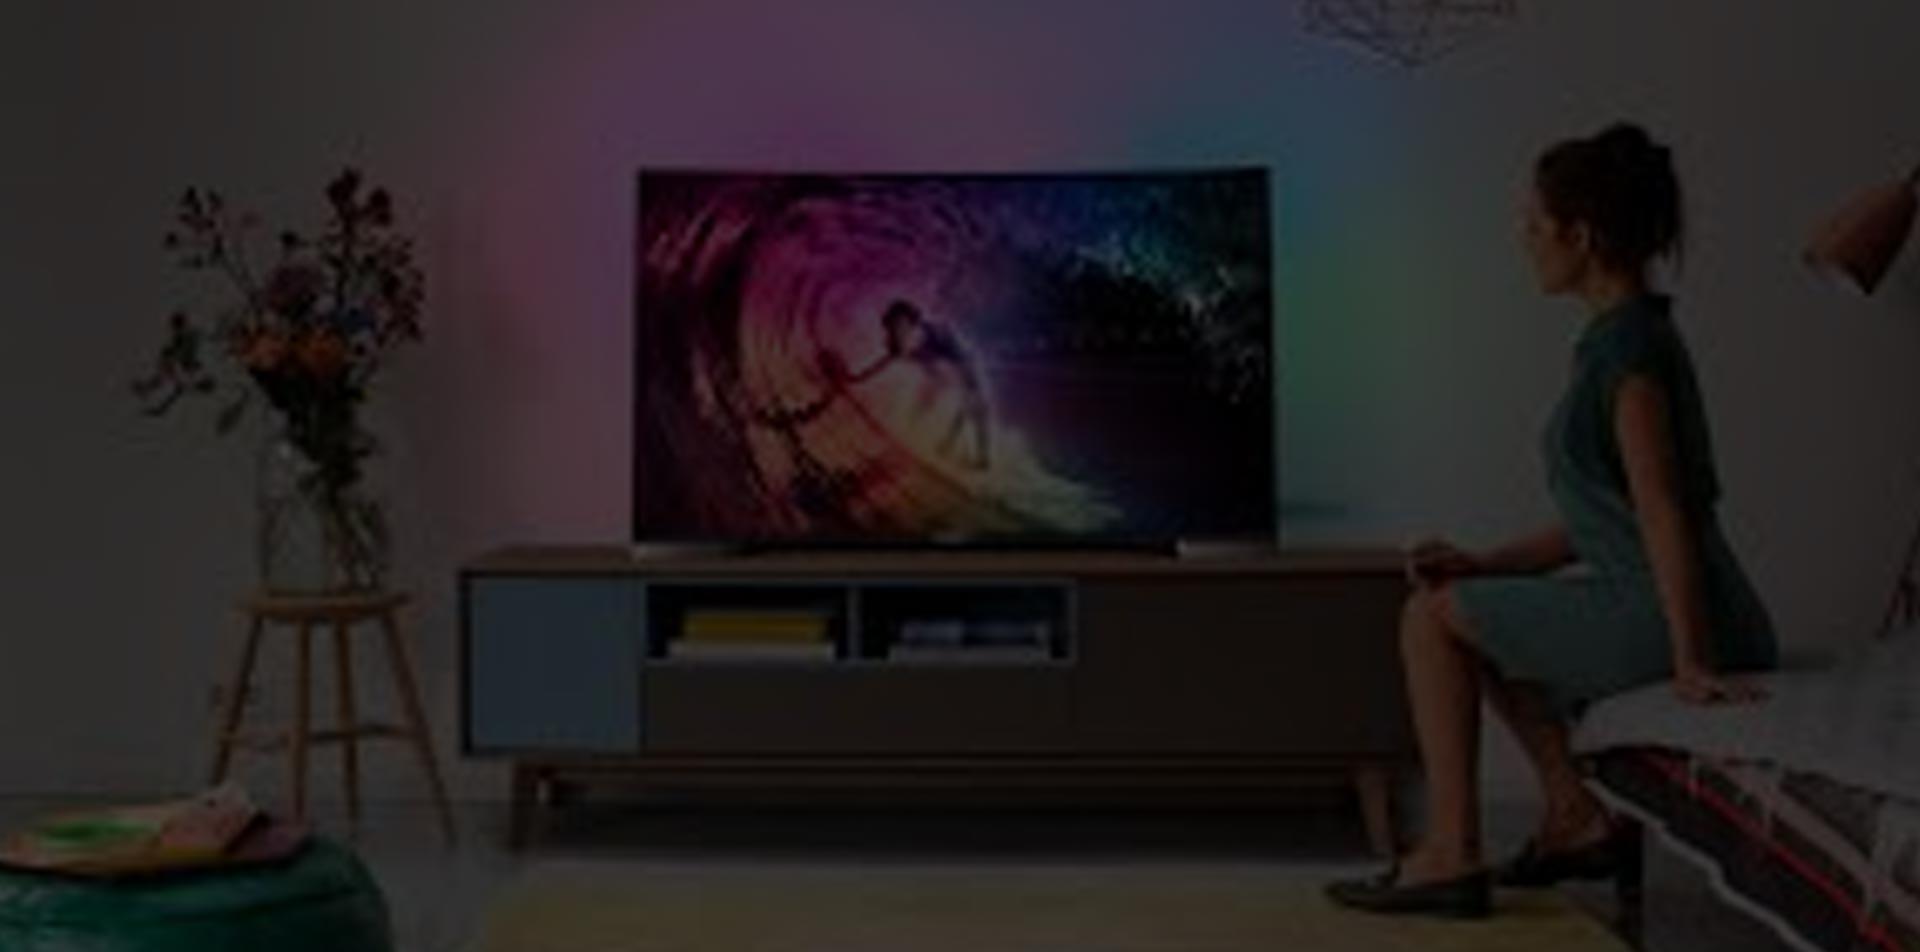 هزینه تعویض پنل تلویزیون جی وی سی